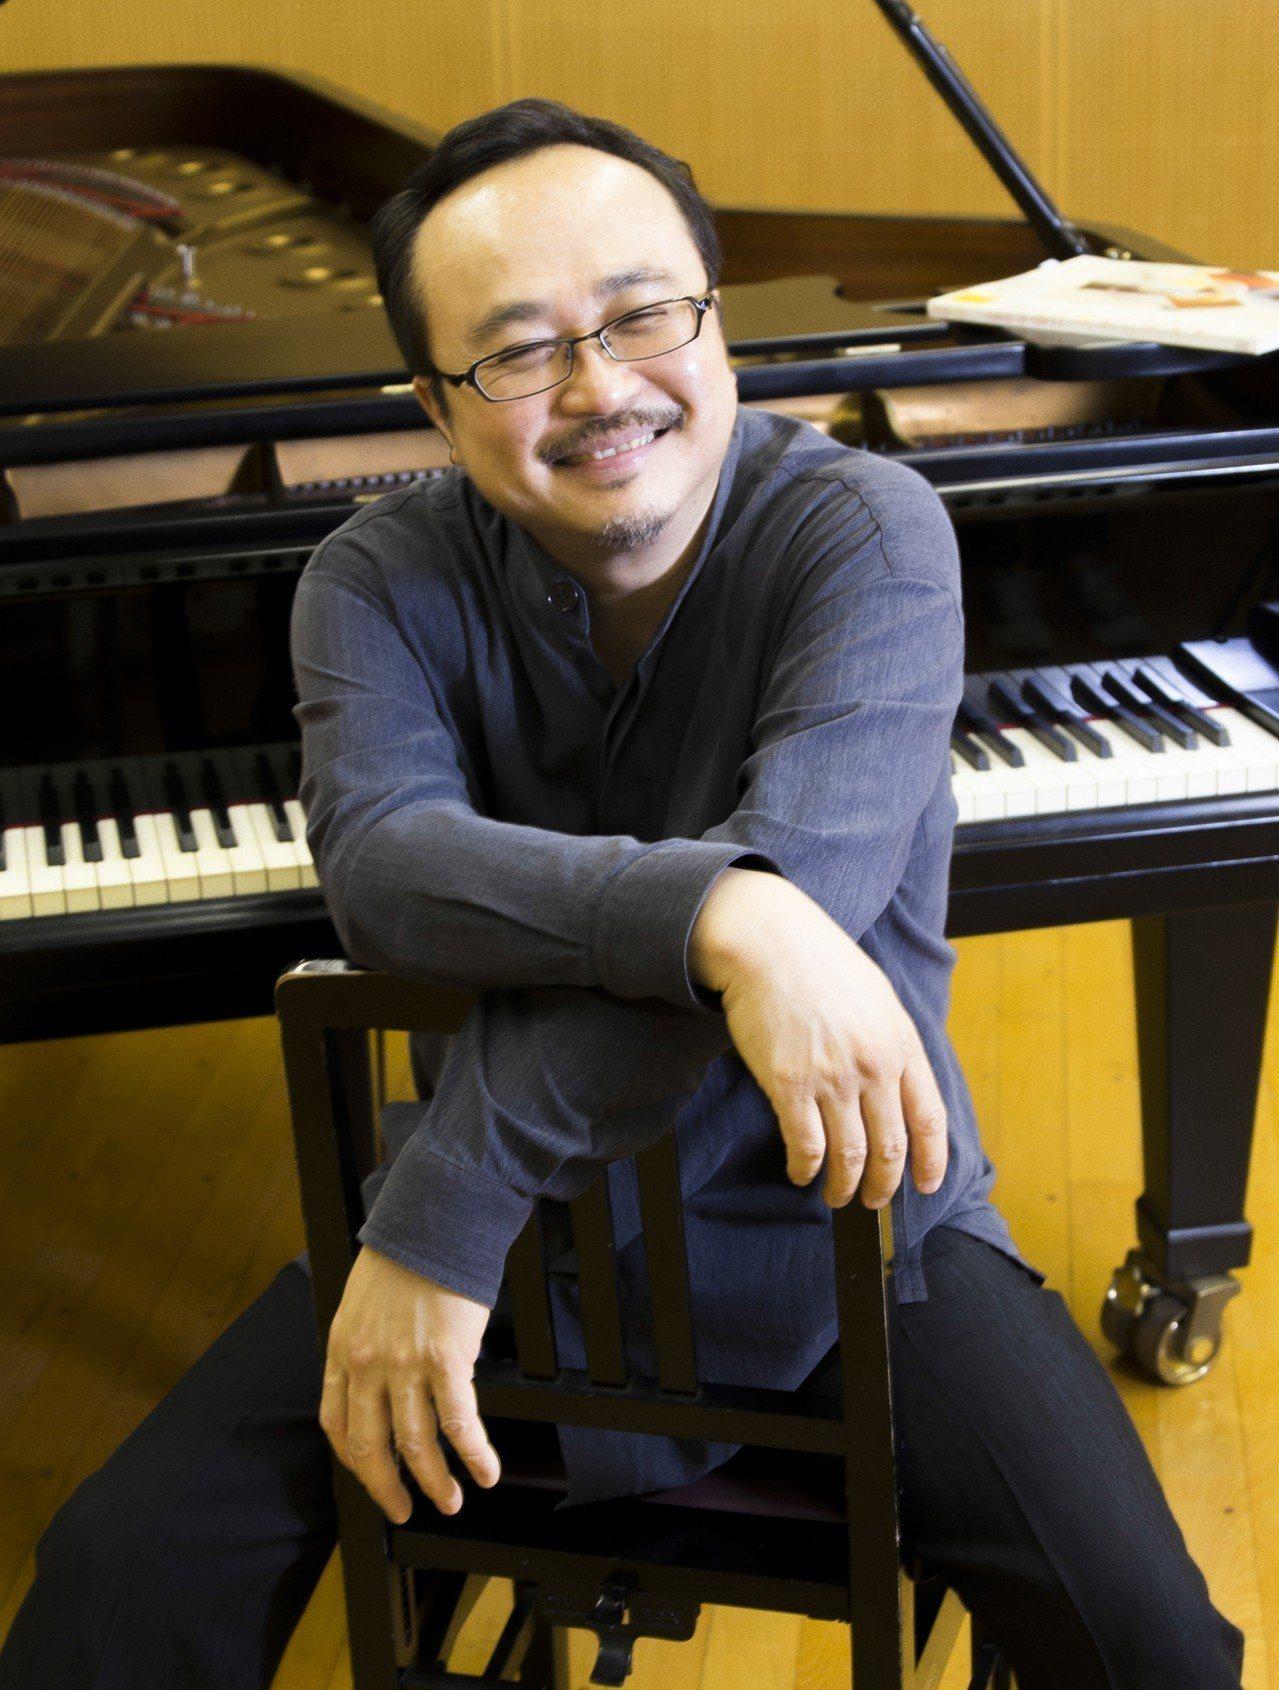 鋼琴大師鄧泰山將於本月二十四日國家音樂廳舉辦獨奏會,演出最後倒數,台北僅此一場。...